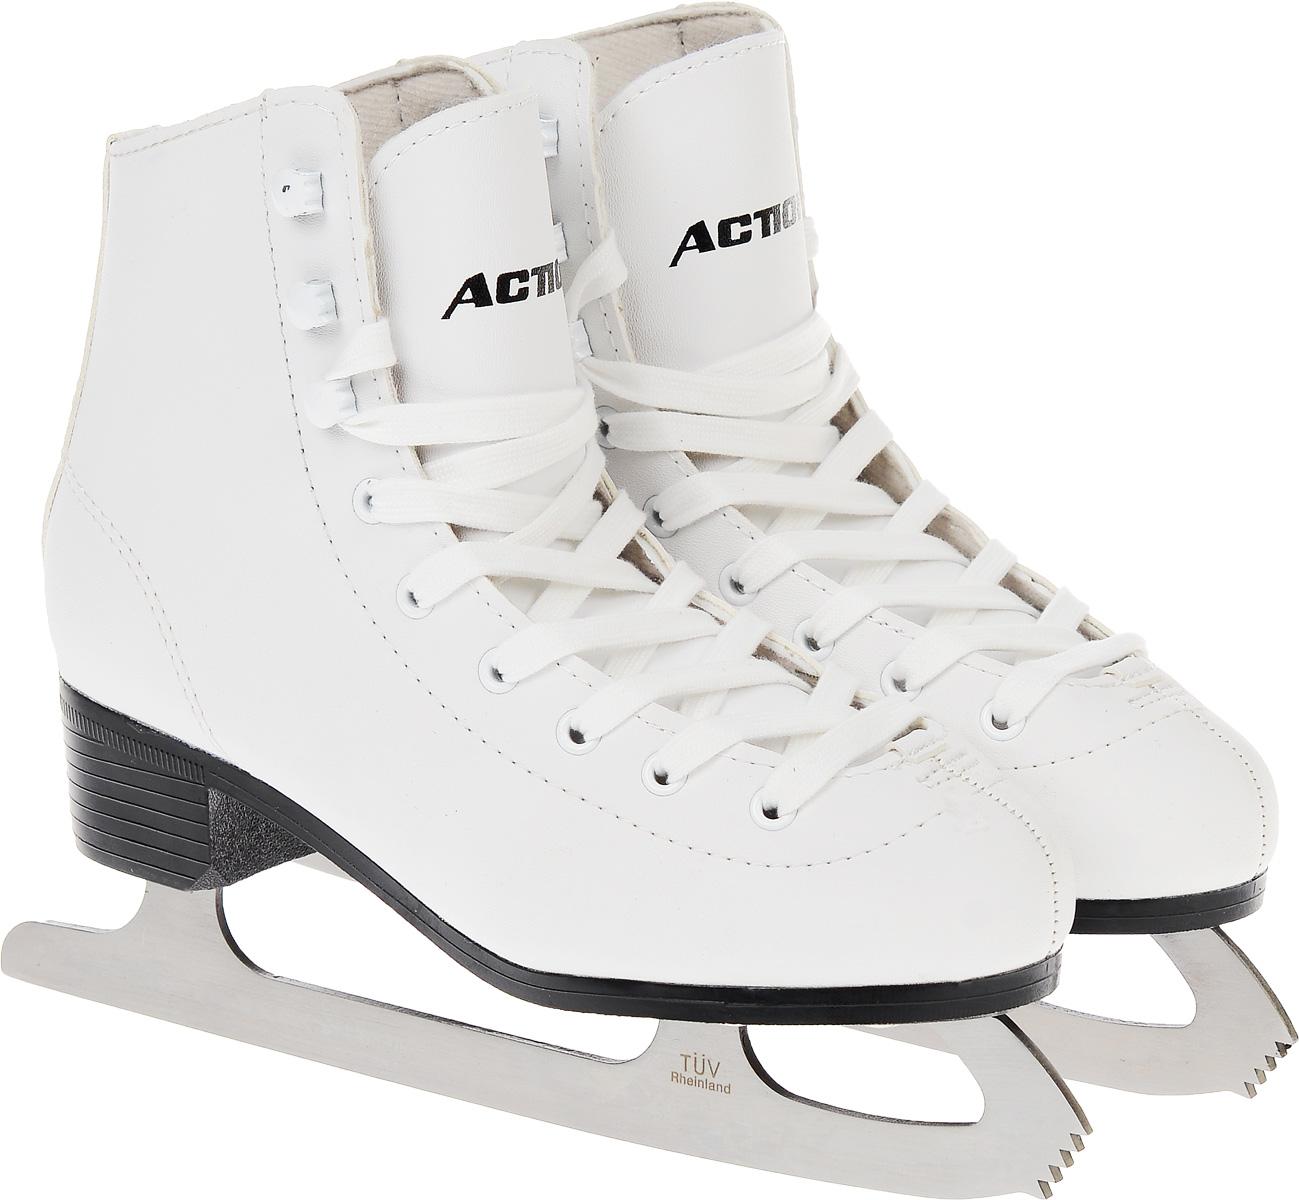 Коньки фигурные детские Action Sporting Goods, цвет: белый. PW-215. Размер 31